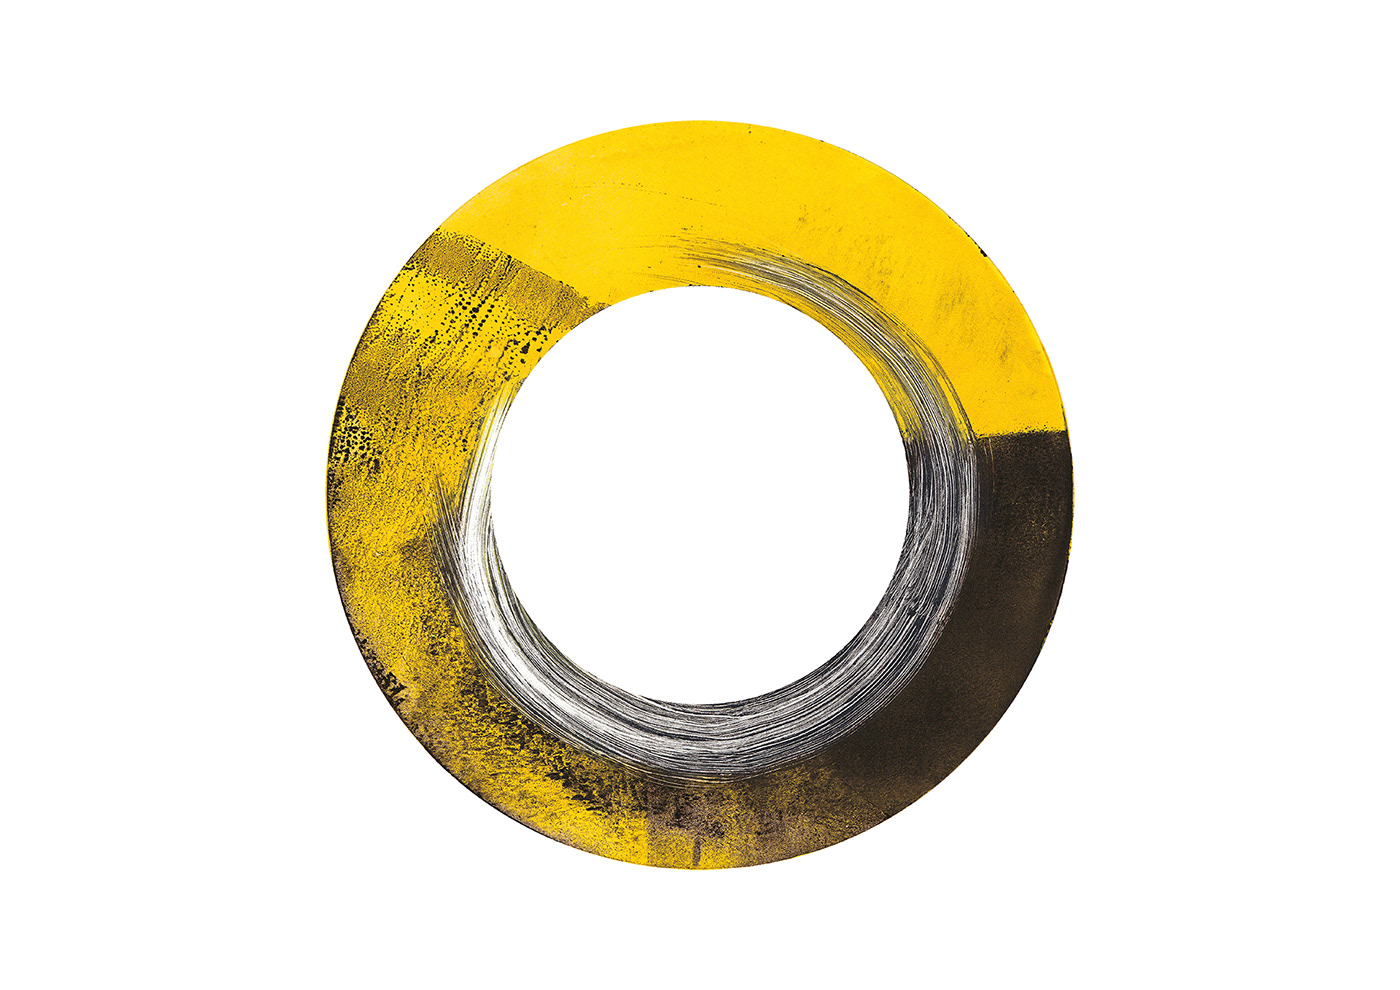 Image may contain: circle